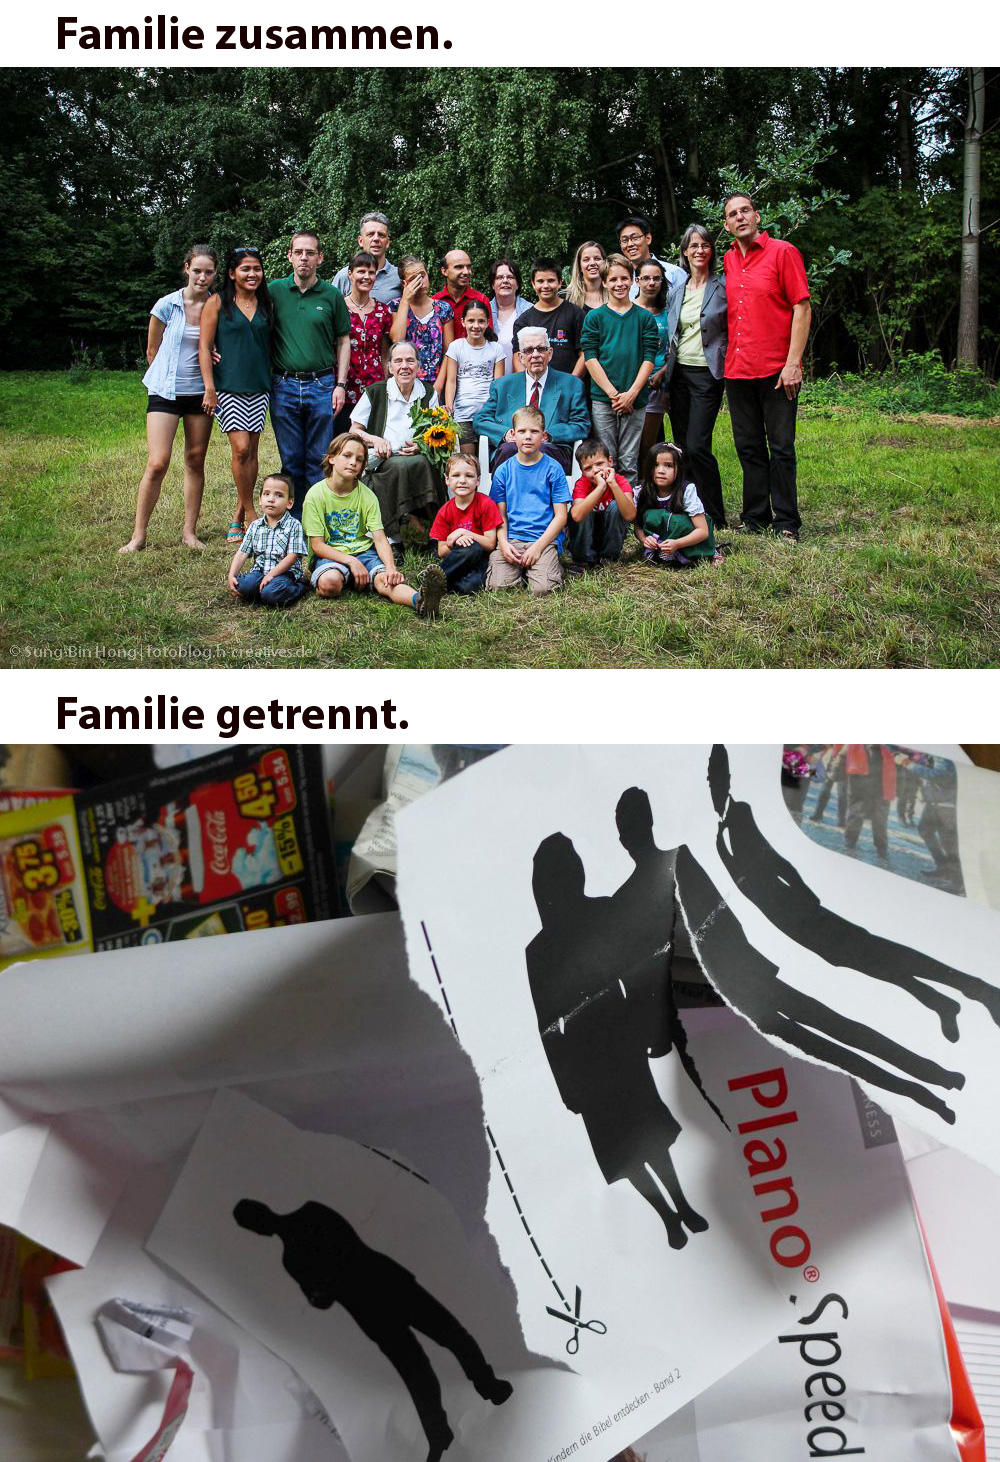 Familie zusammen - Familie getrennt